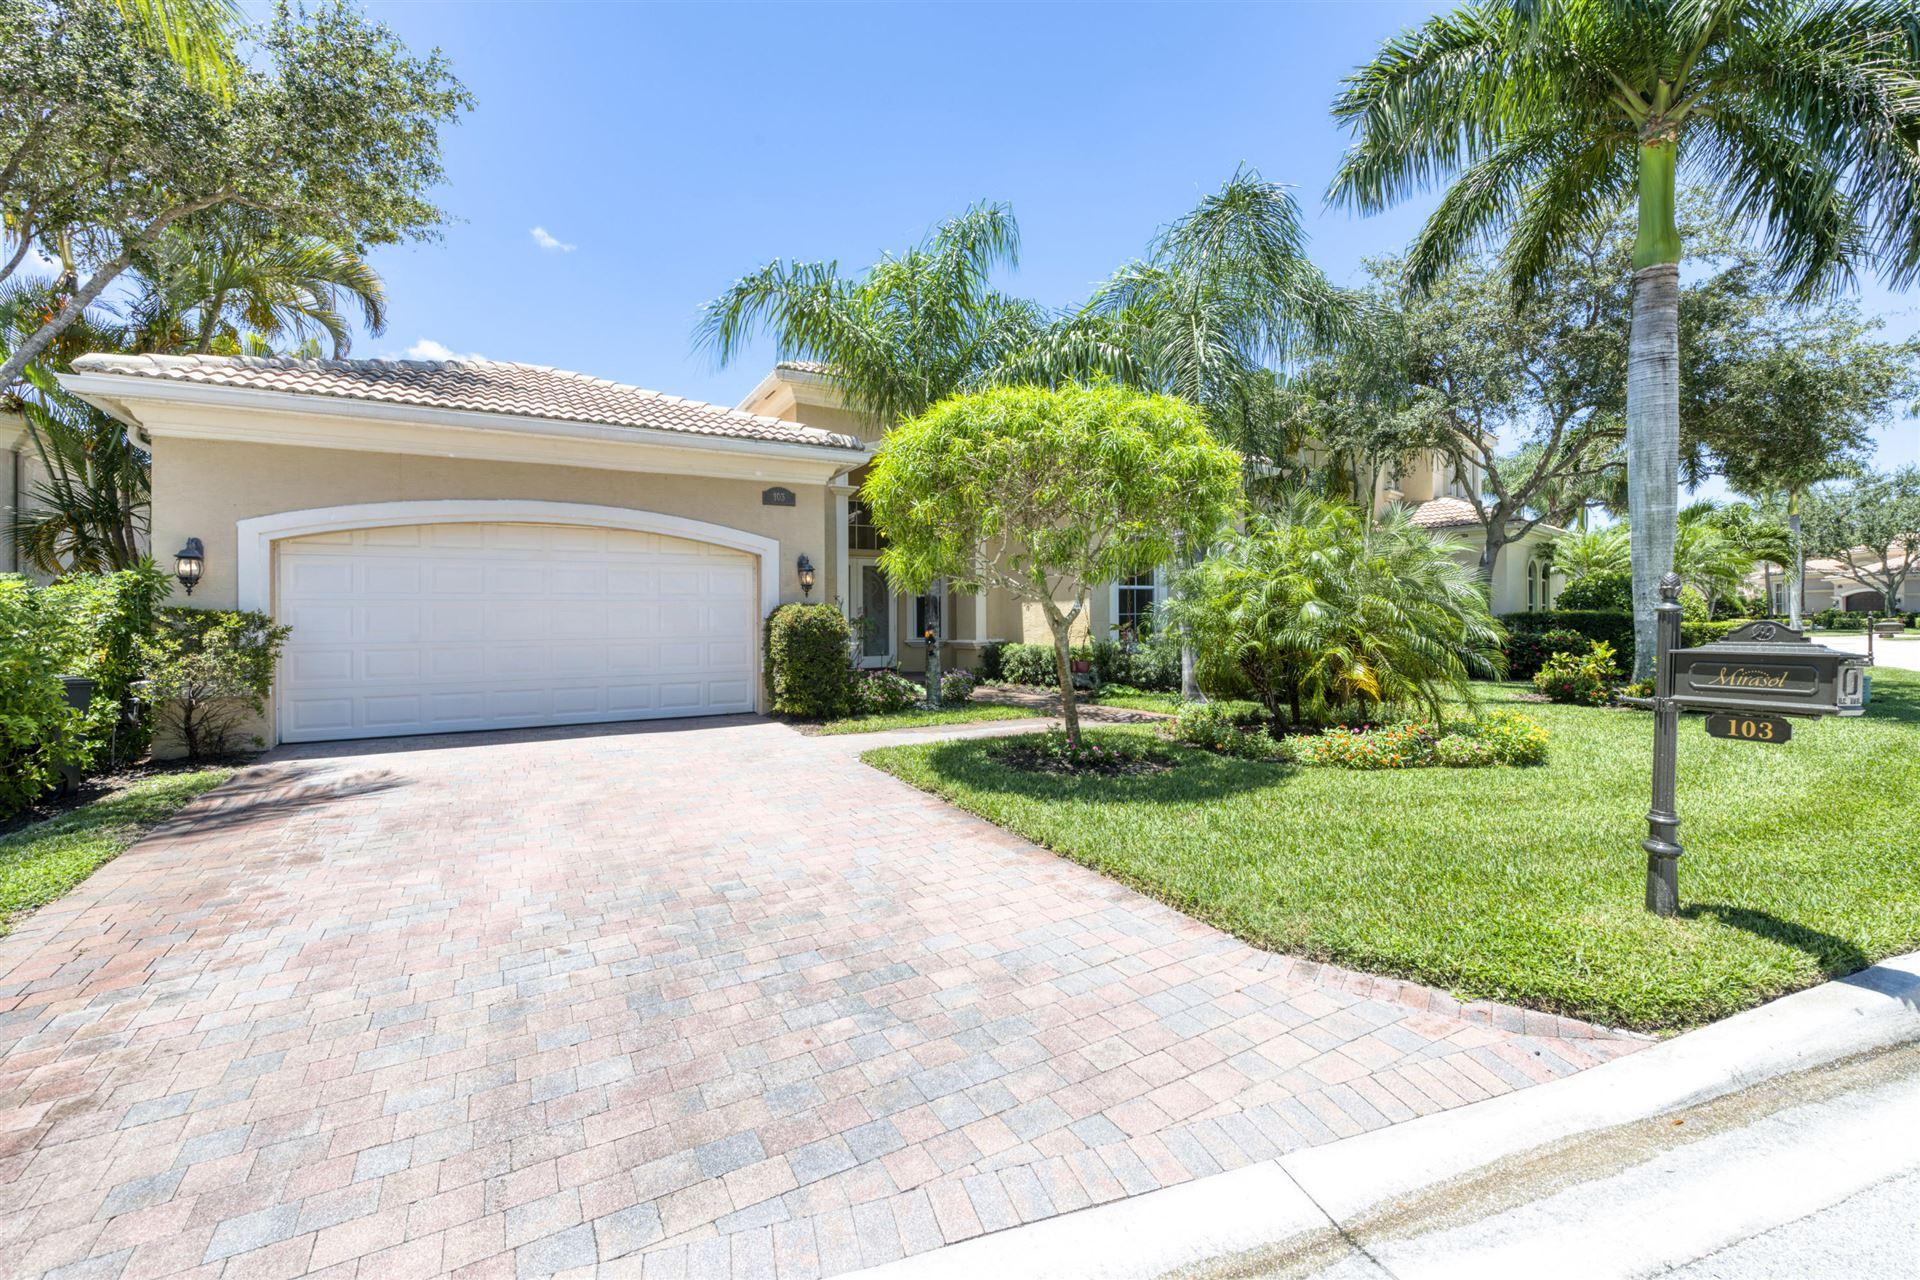 103 Dalena Way, Palm Beach Gardens, FL 33418 - #: RX-10644734